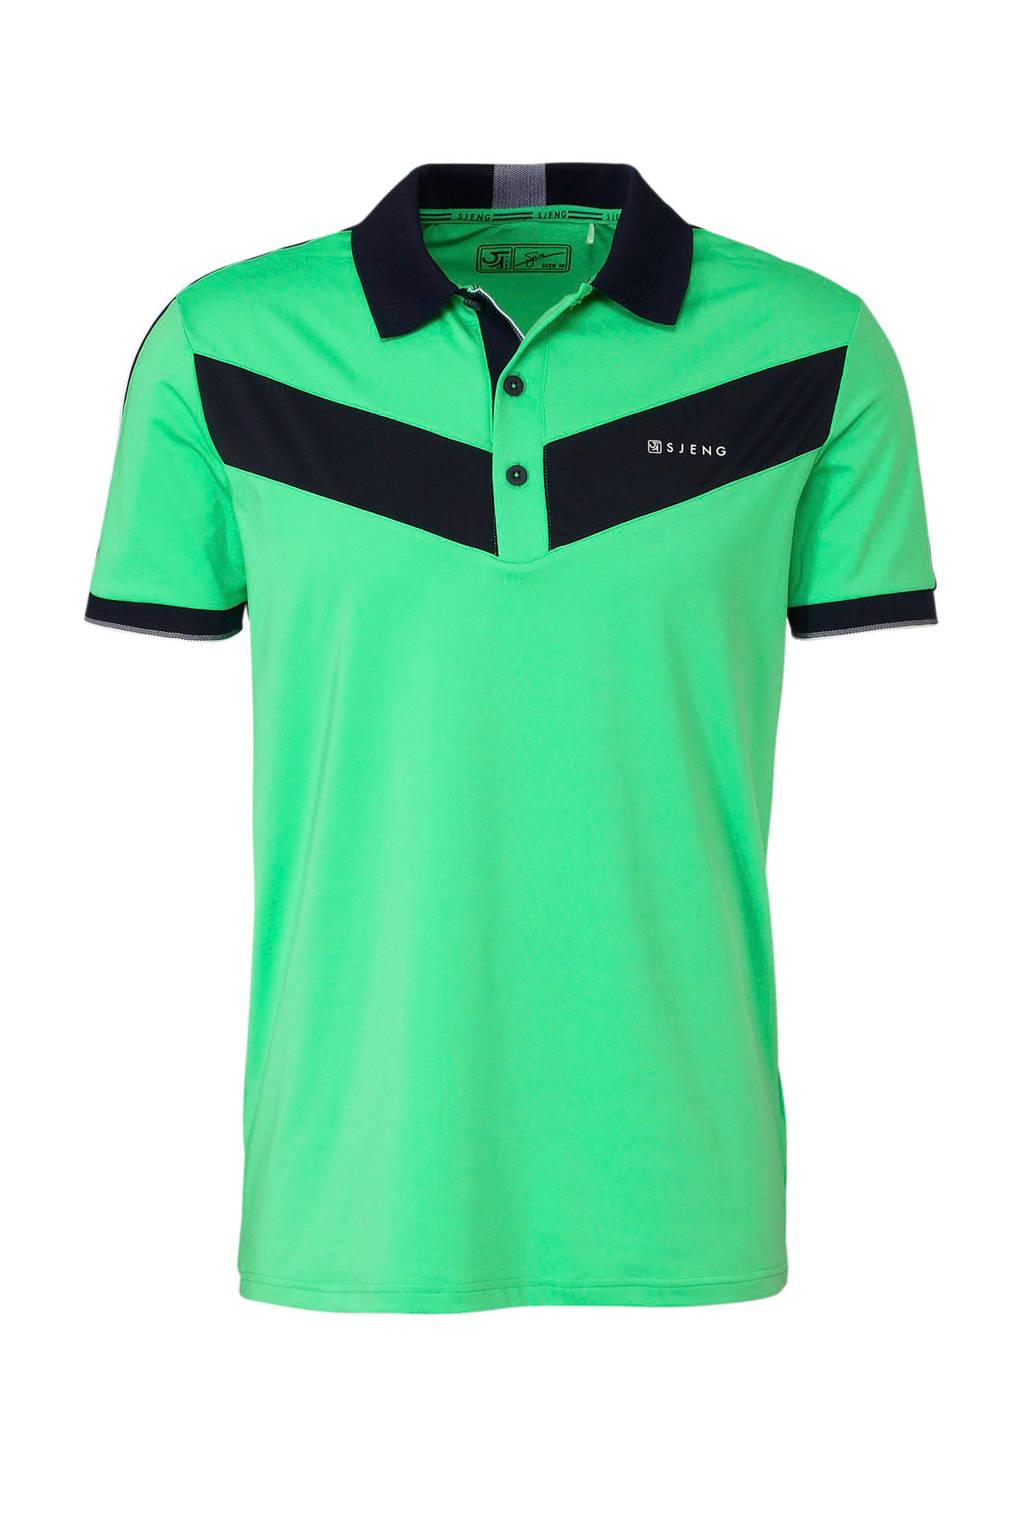 Sjeng Sports   polo groen, Groen/donkerblauw